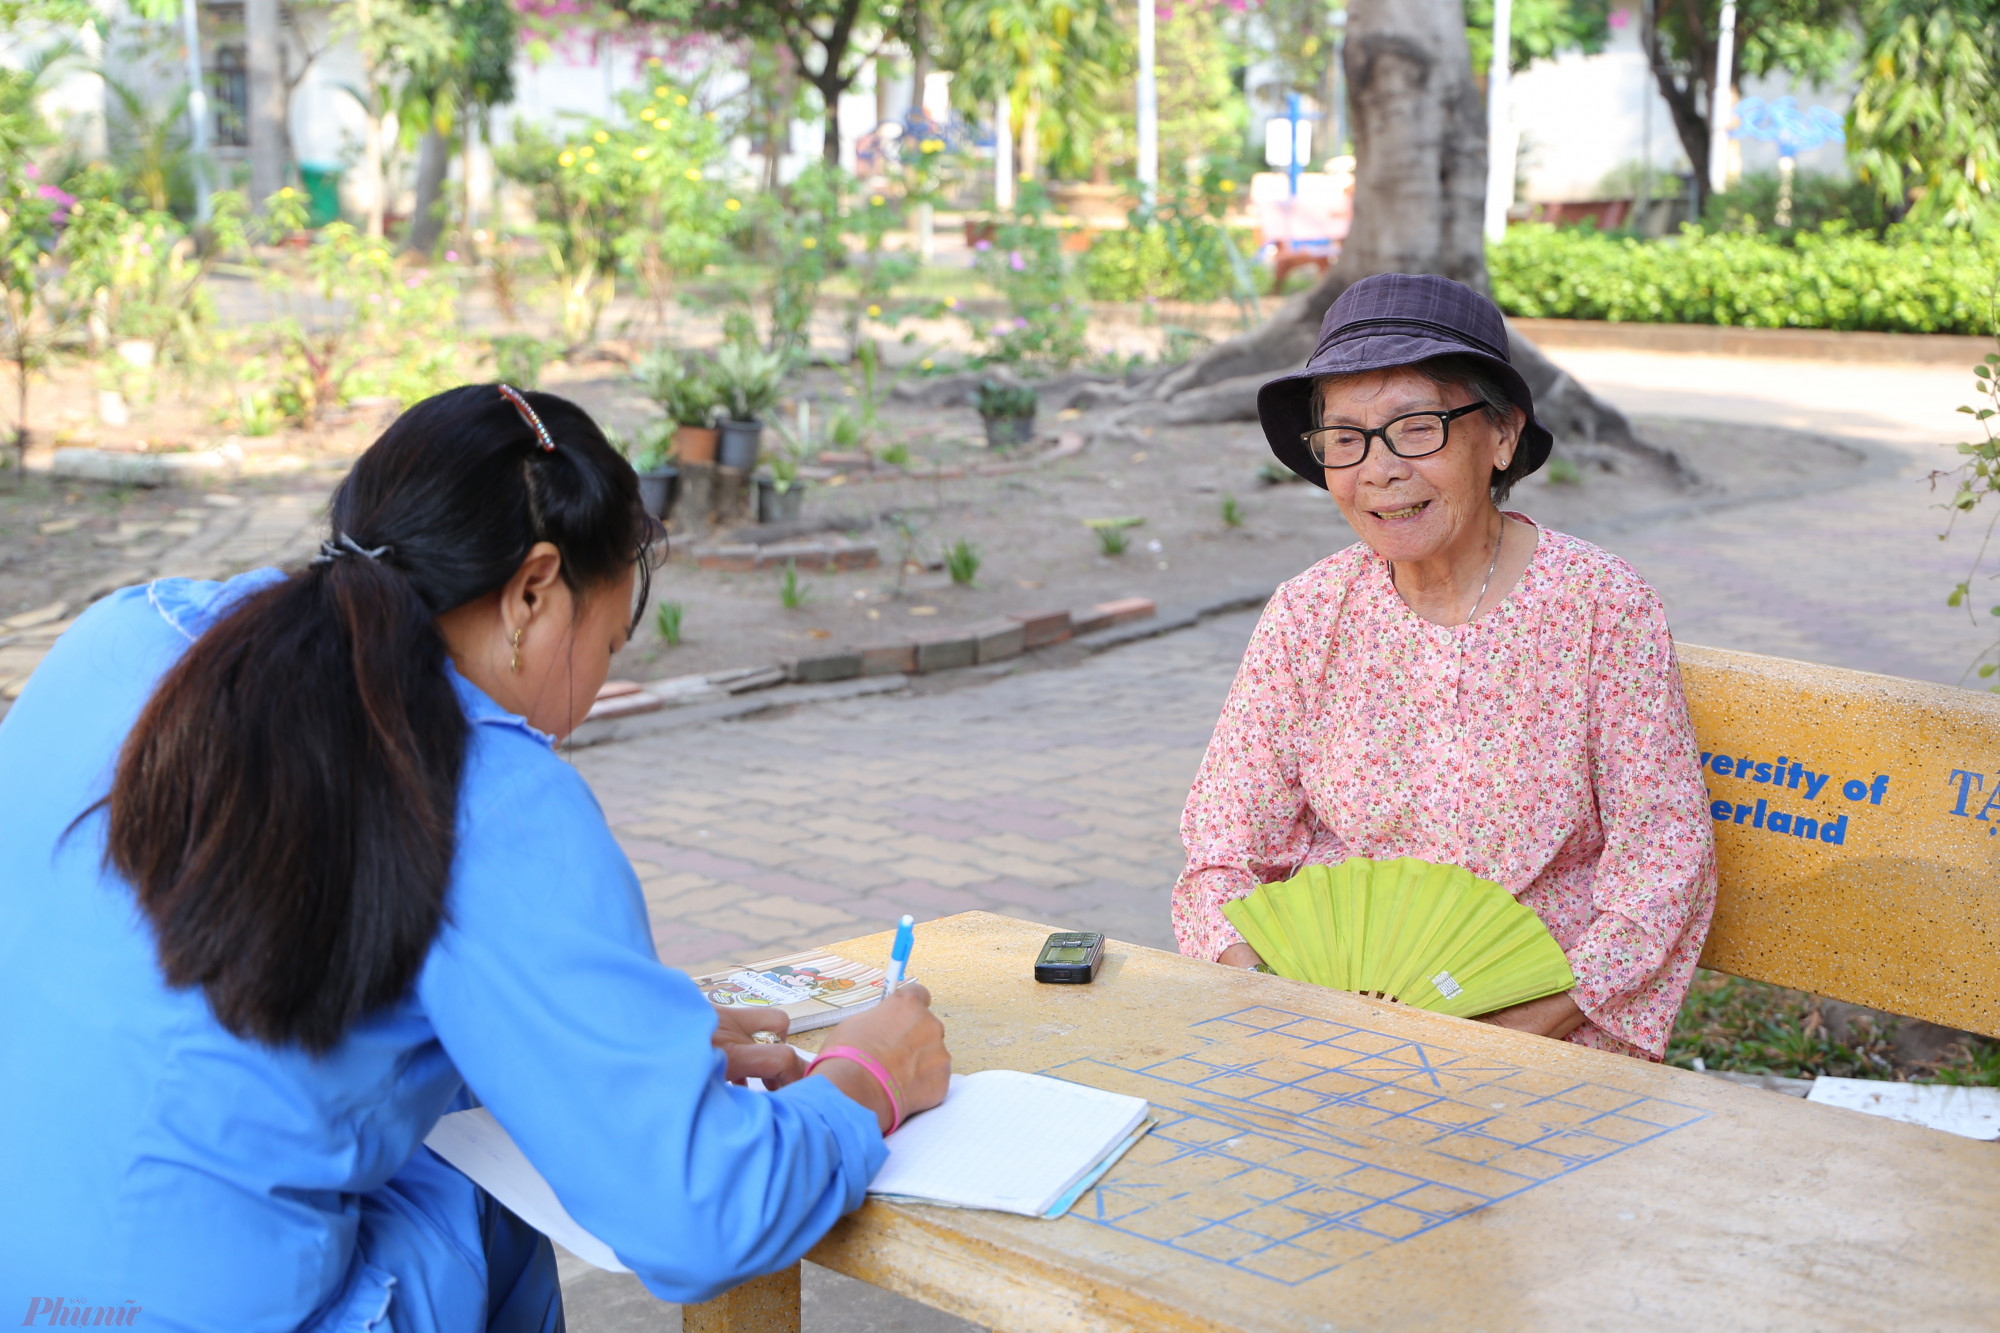 Cụ Nguyễn Thị Thanh đăng ký thực đơn ăn uống dịp Tết với nhân viên Viện dưỡng lão. Cụ vừa trải qua đợt bệnh dài nên khu vườn do cụ chăm sóc cũng dần trơ gốc, chết dần.